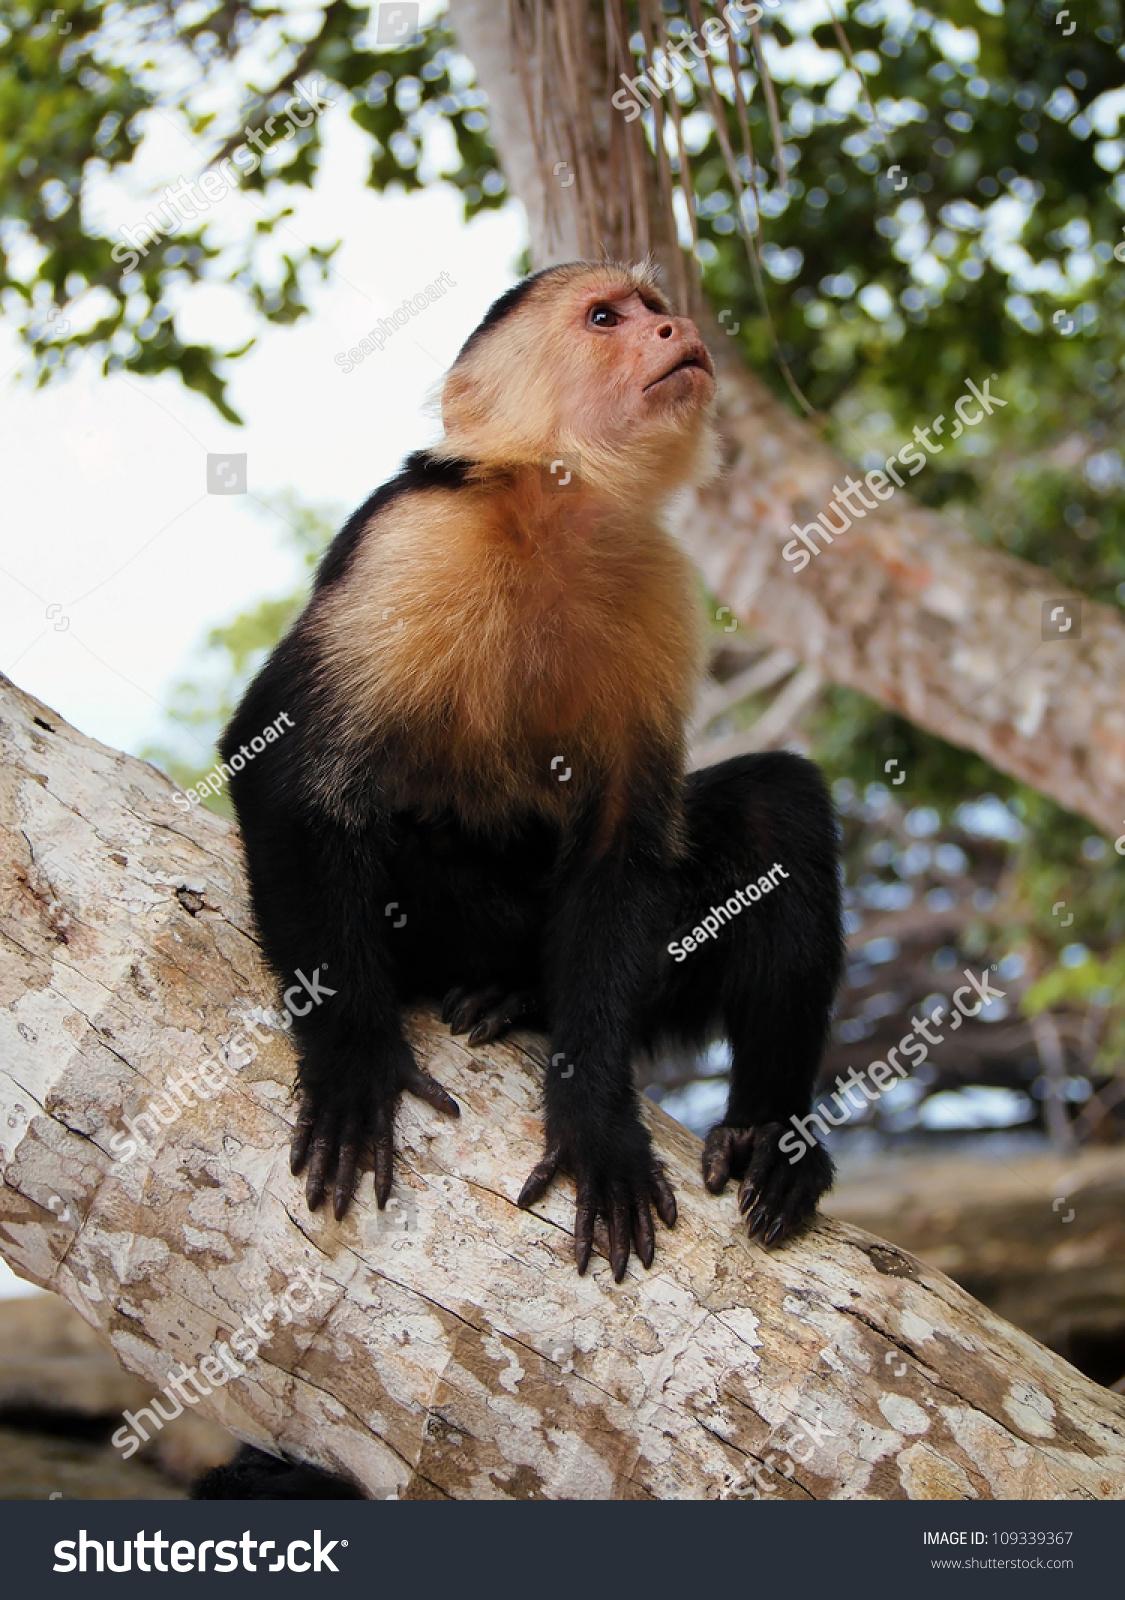 白色面临僧帽猴椰子树干,Cahuita国家公园,加勒比海,哥斯达黎加 - 动物/野生生物,自然 - 站酷海洛创意正版图片,视频,音乐素材交易平台 - Shutterstock中国独家合作伙伴 - 站酷旗下品牌